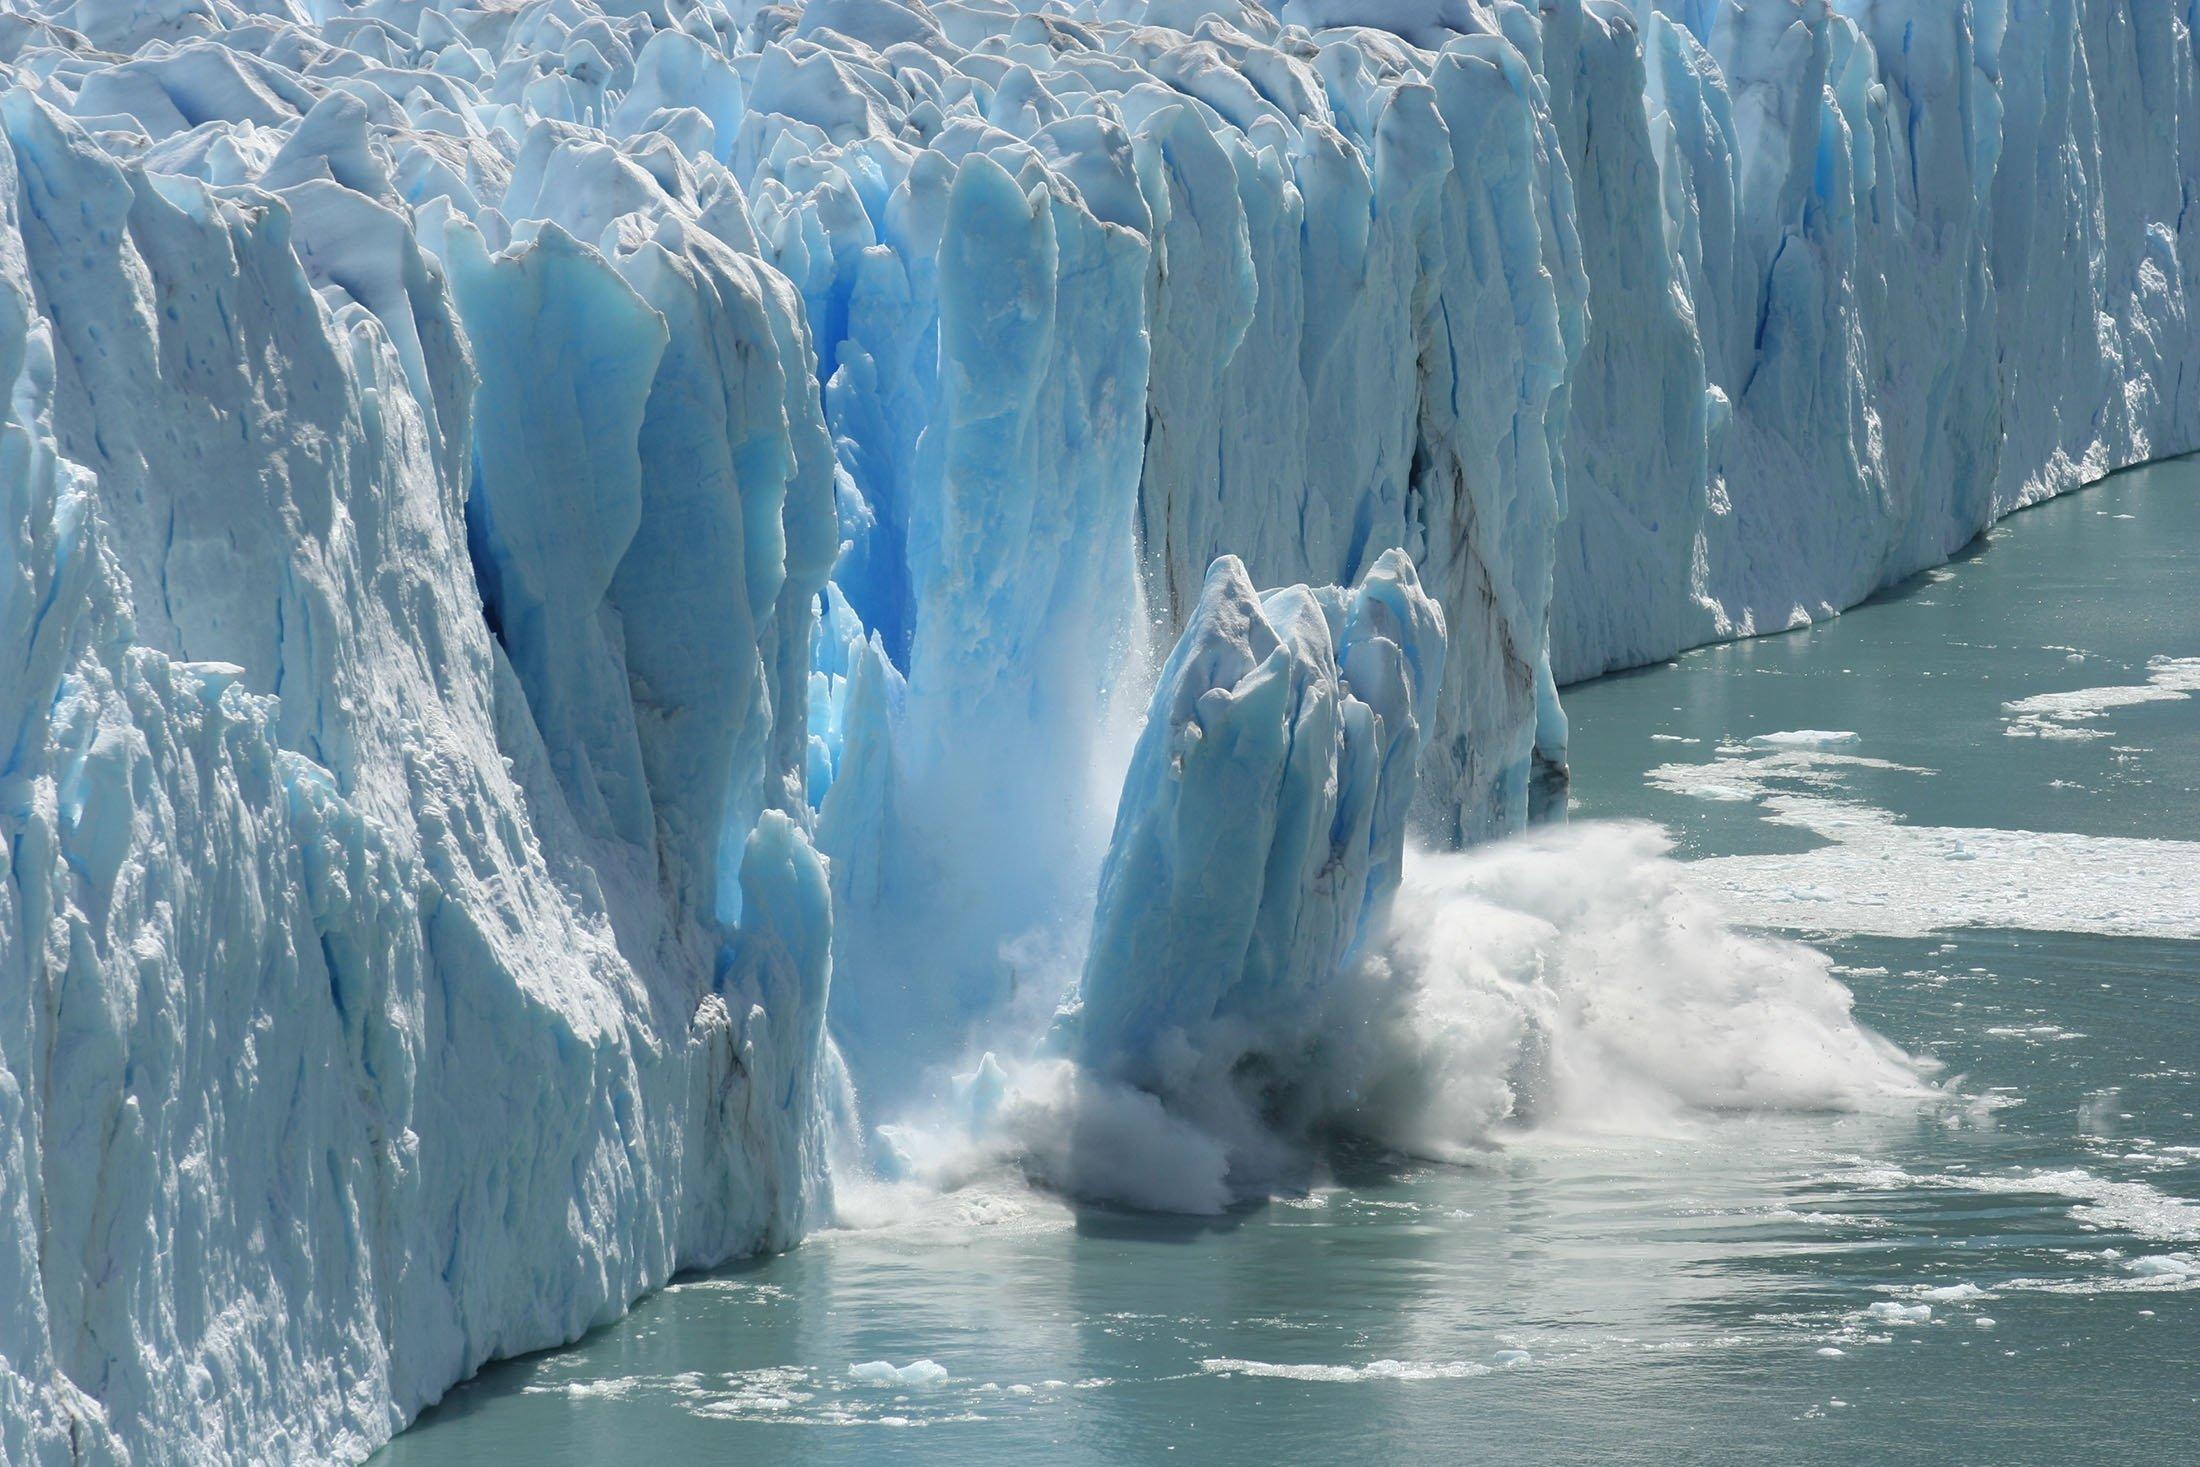 A massive block of ice breaks off a glacier in Antarctica. (Shutterstock Photo)